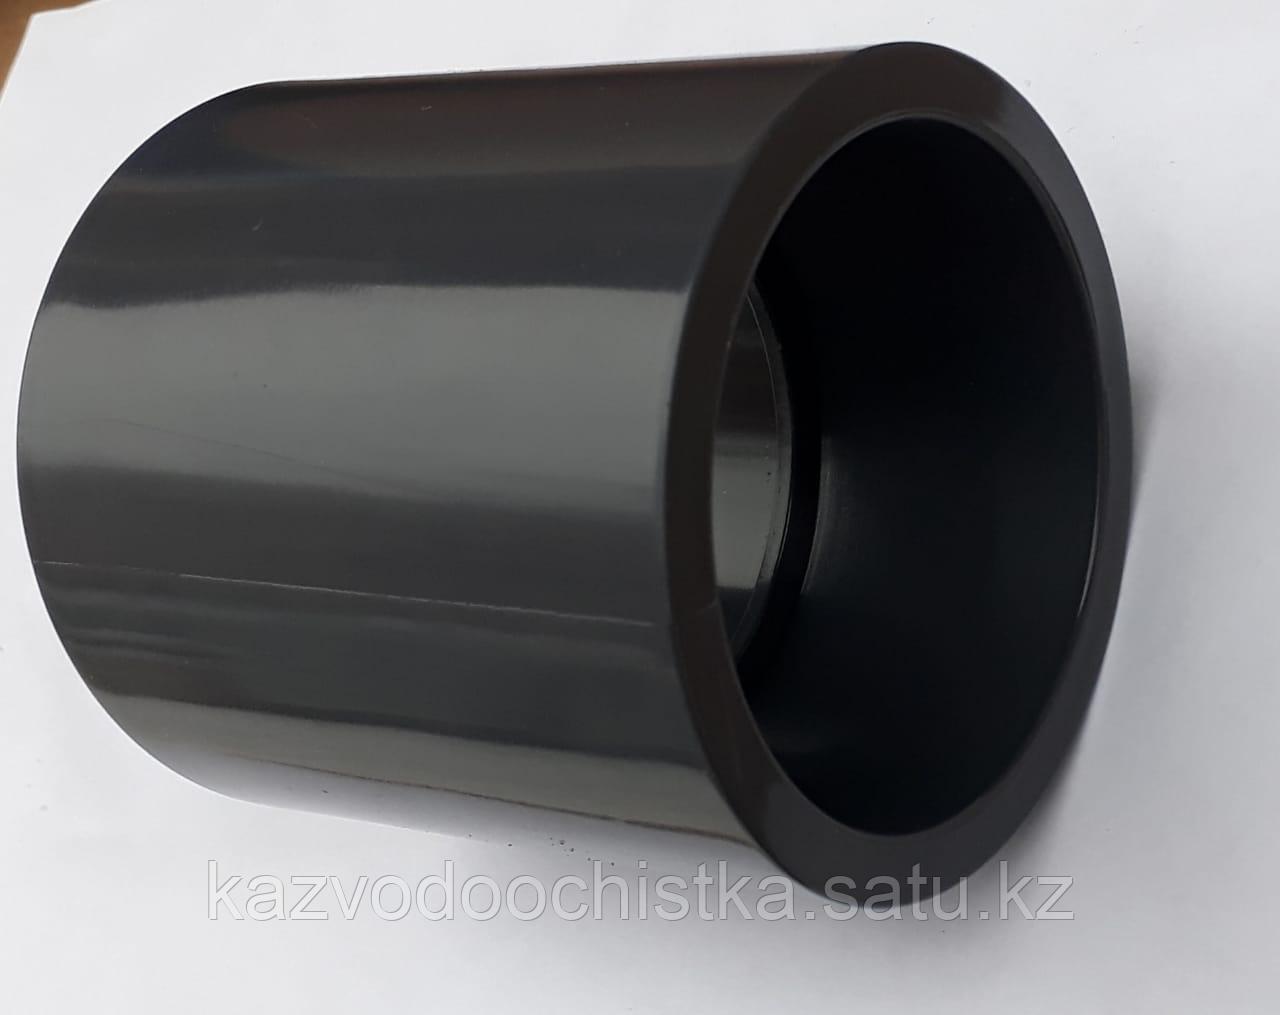 ПВХ Муфта неразъемная  (COUPLING) 25 мм.